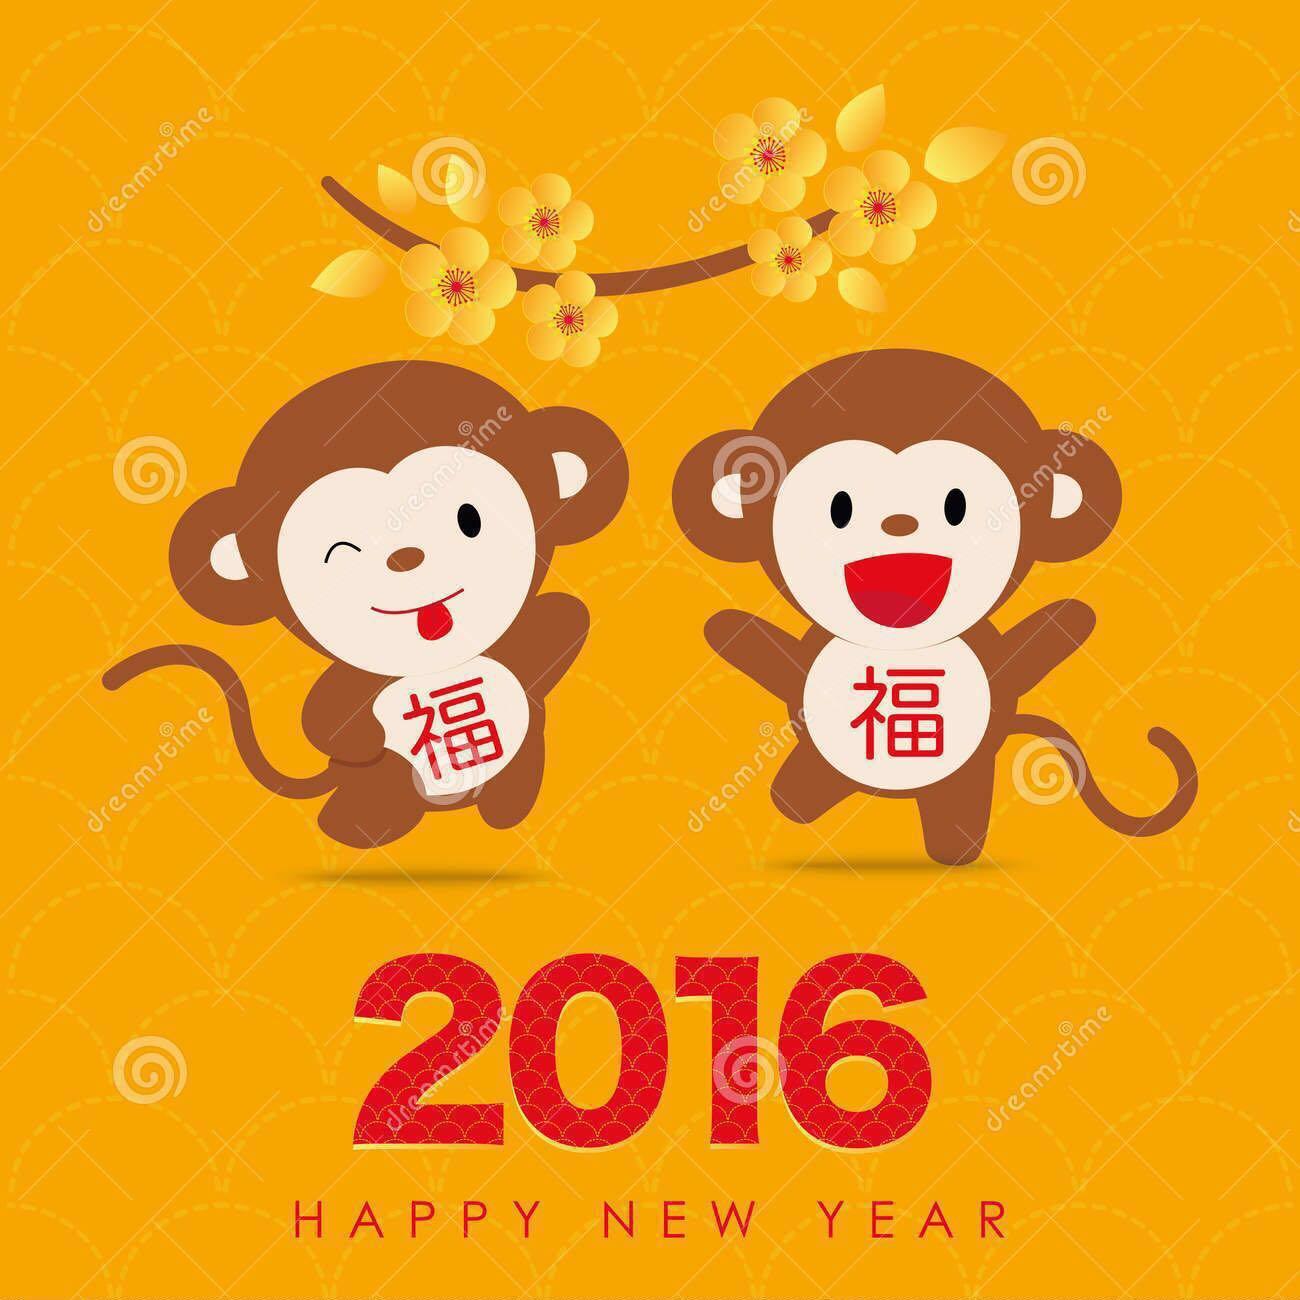 Новый год 2016: открытки с Обезьянками - t 35